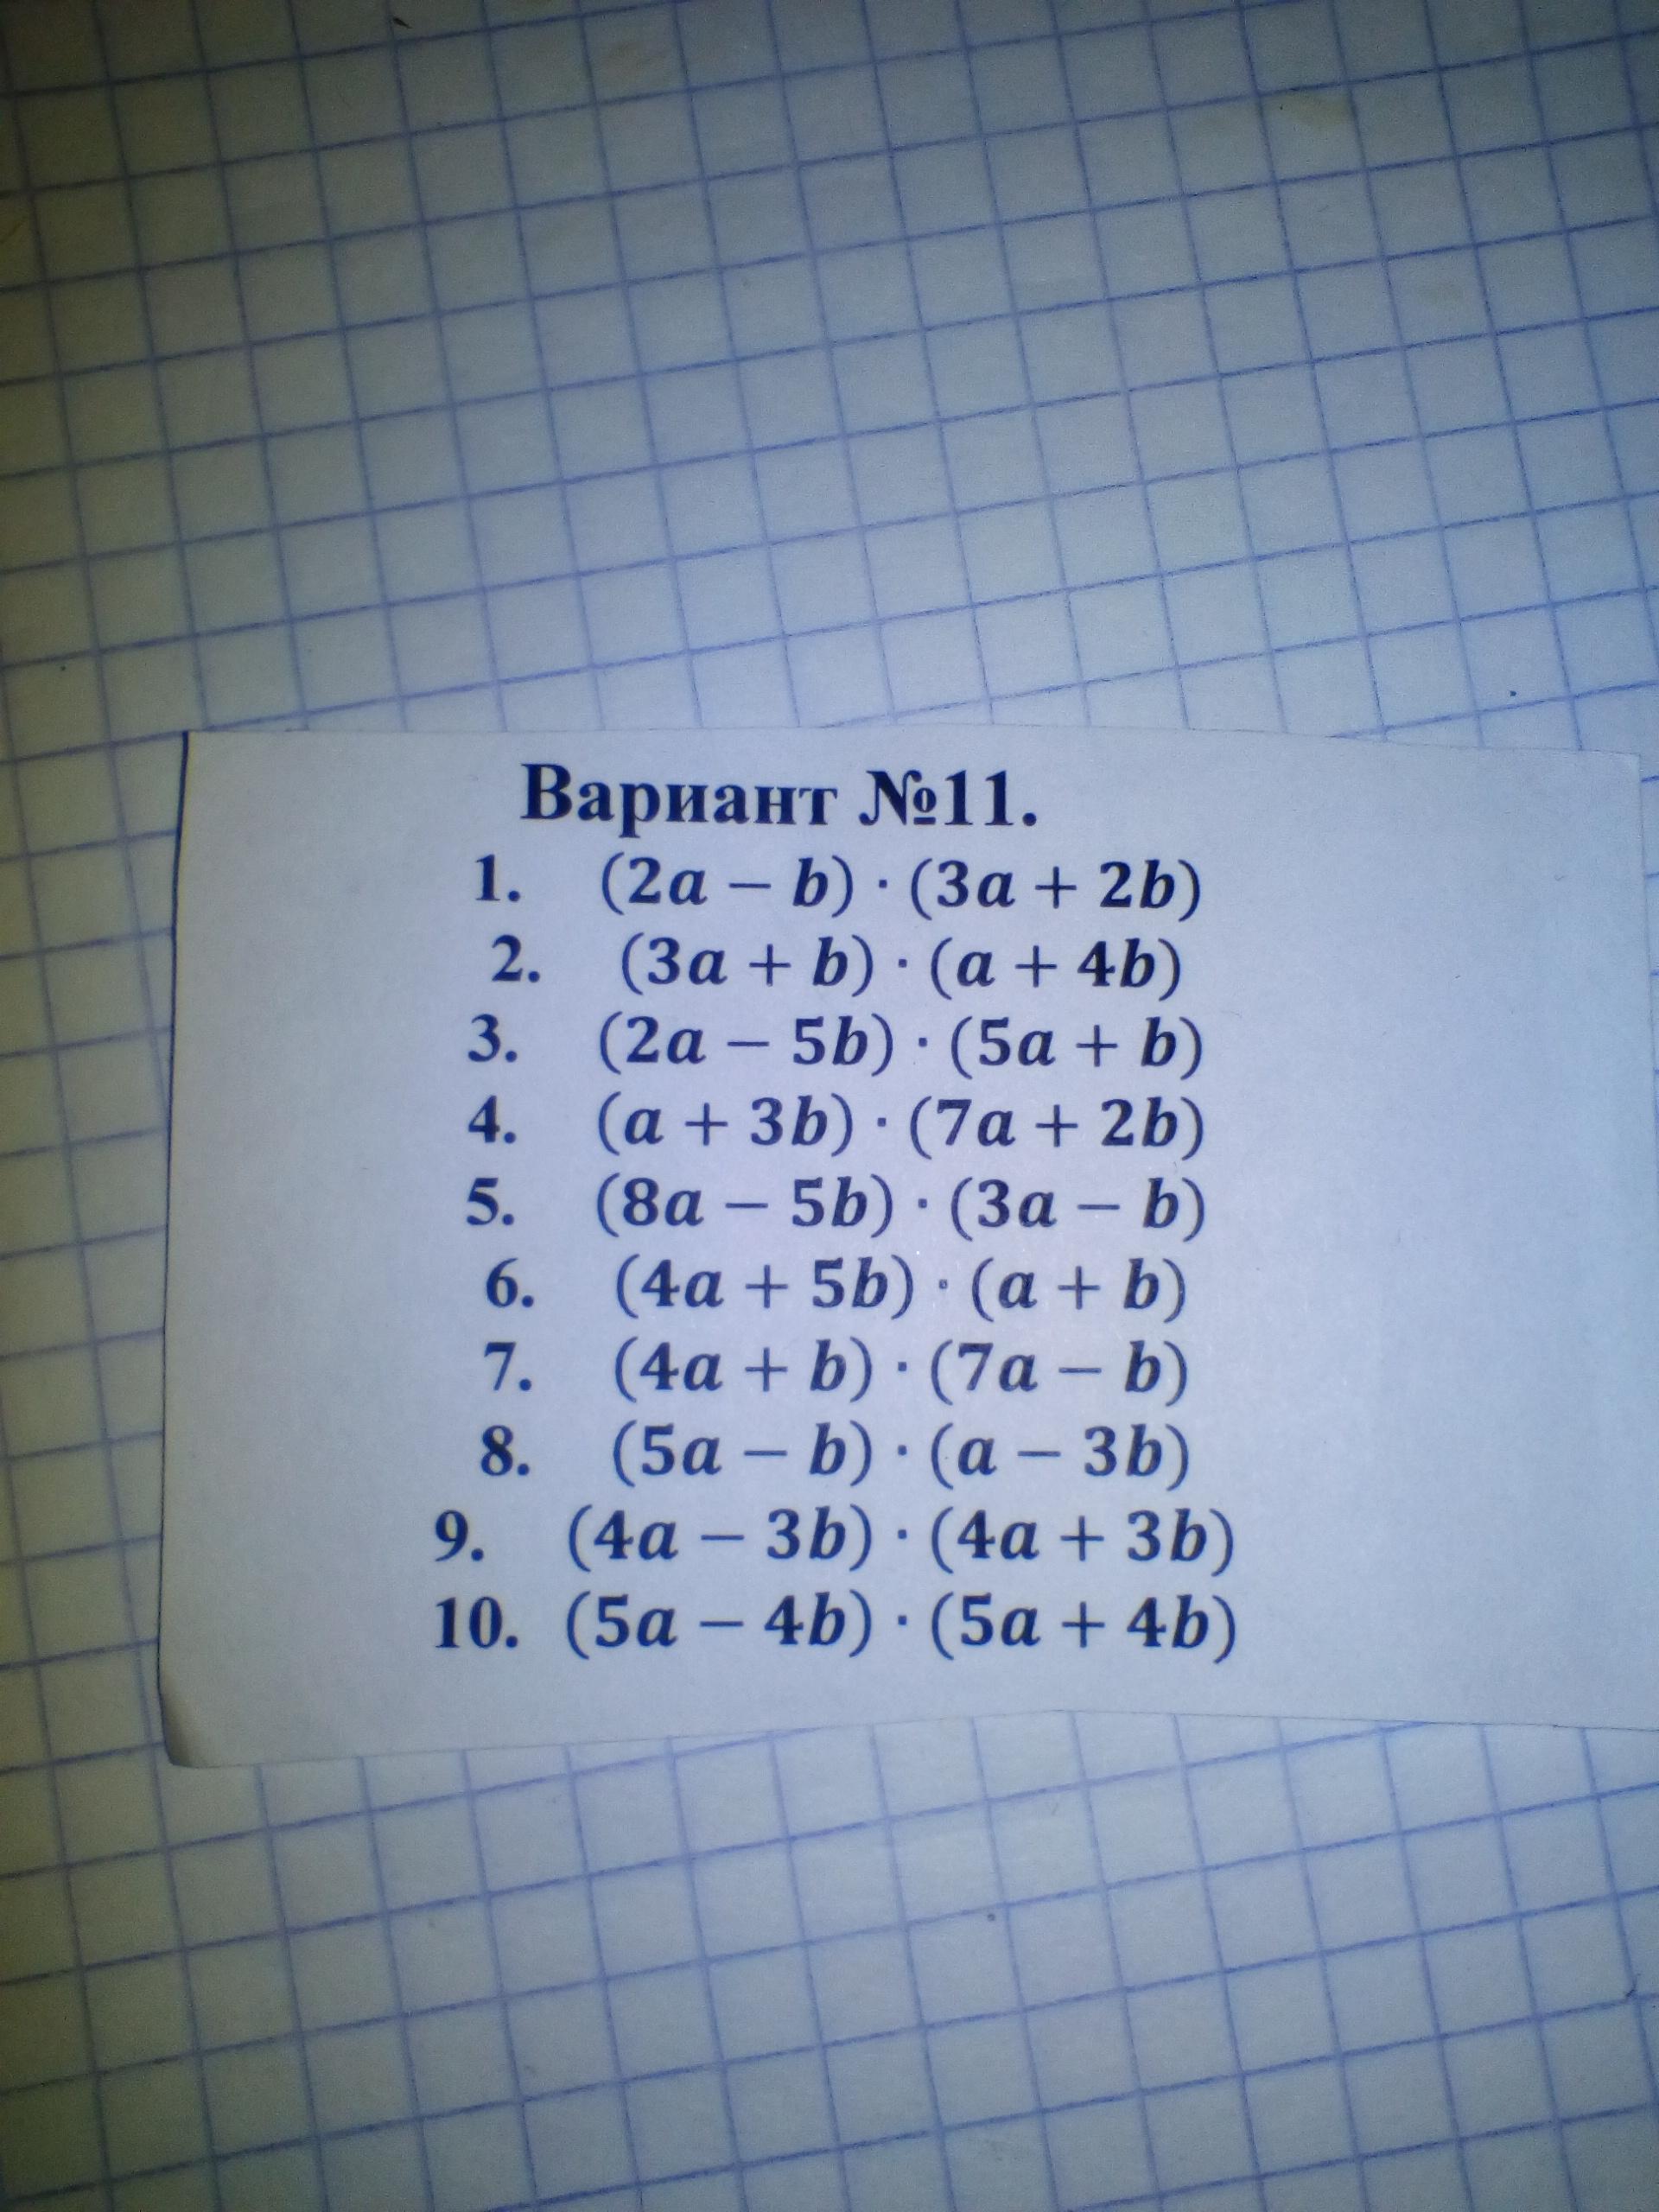 Помогите пожалуйста)